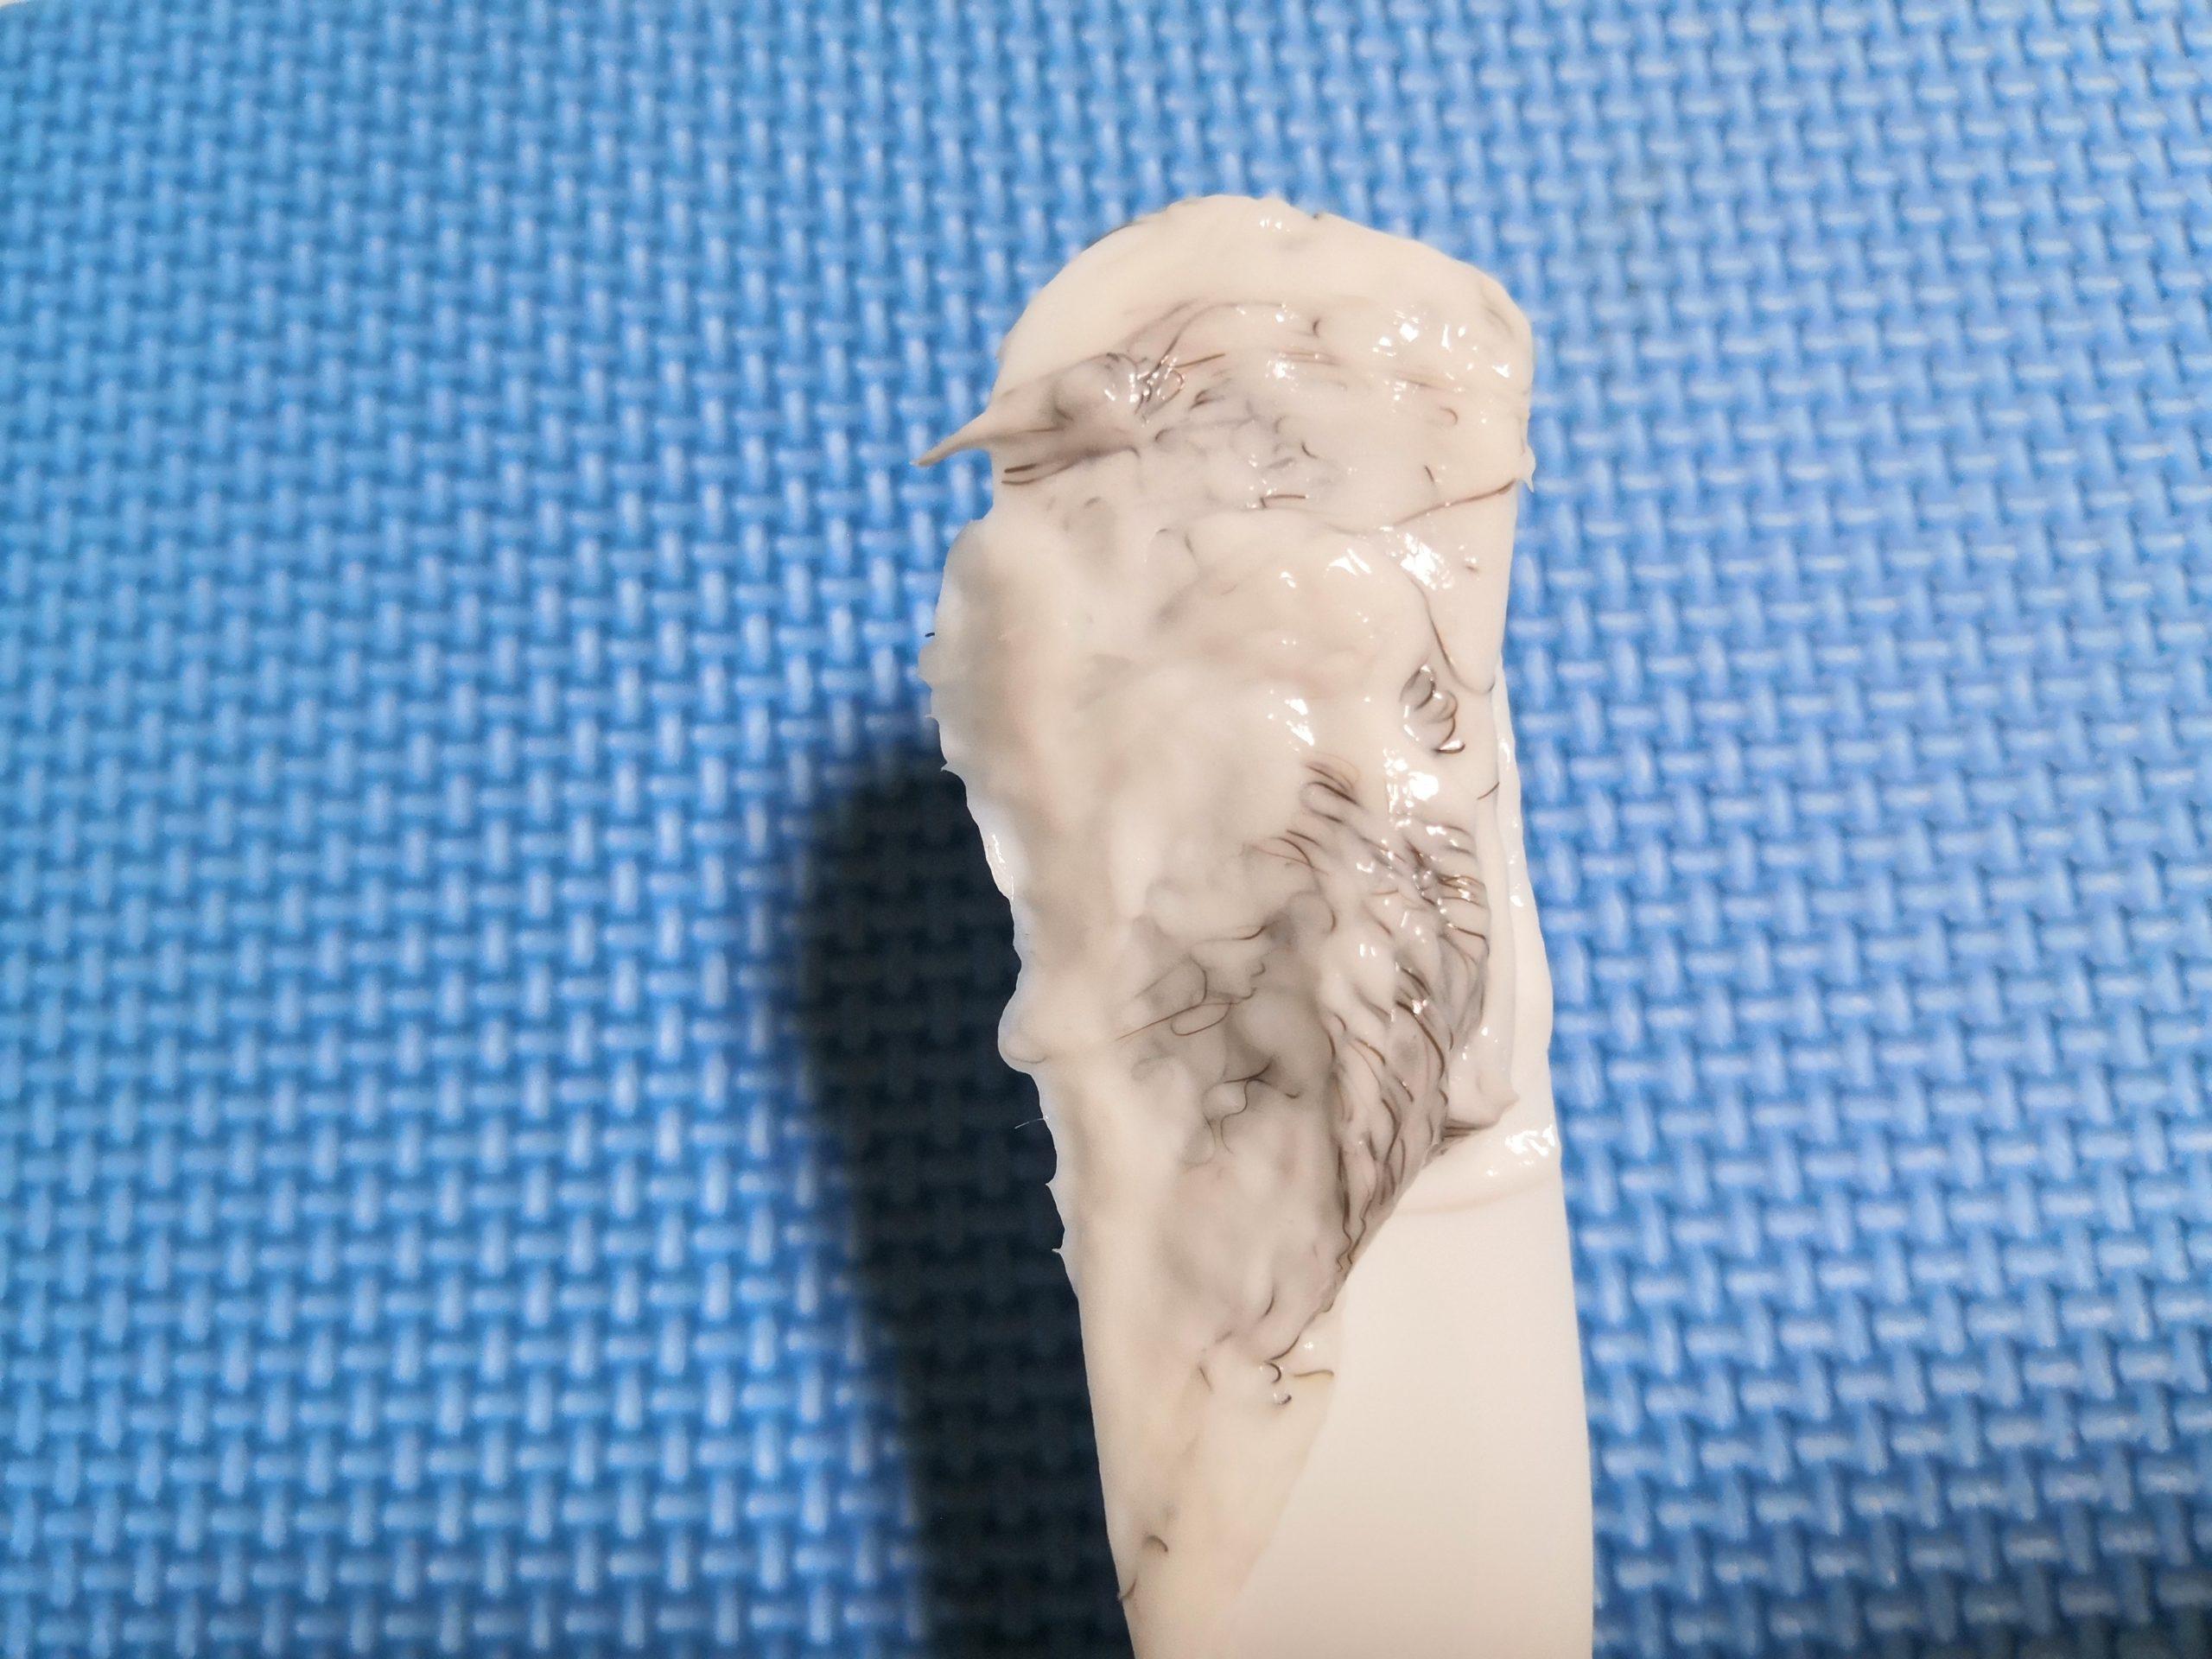 ミュゼ除毛クリームで脇毛を処理した後にスパチュラでクリームをすくい取った様子